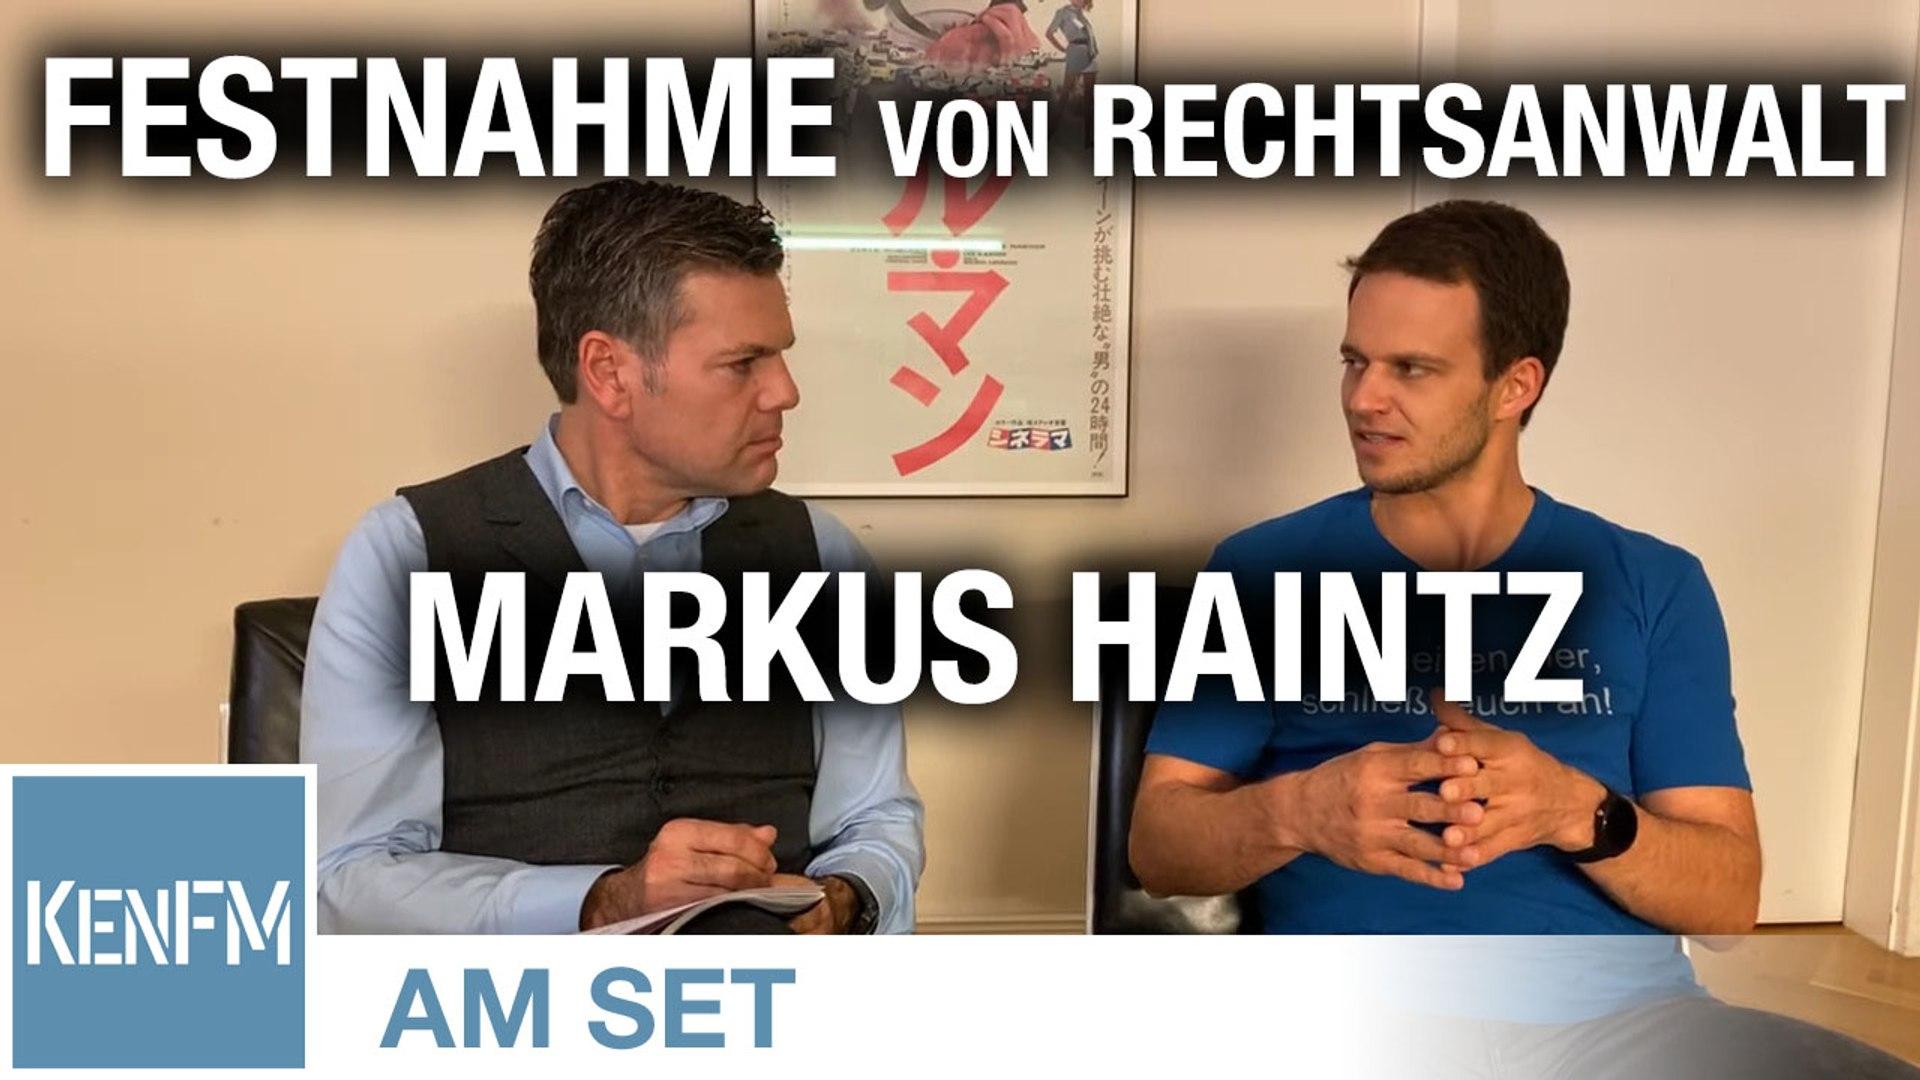 Rechtsanwalt Markus Haintz von Querdenken711 zu seiner Festnahme in Berlin - KenFM am Set